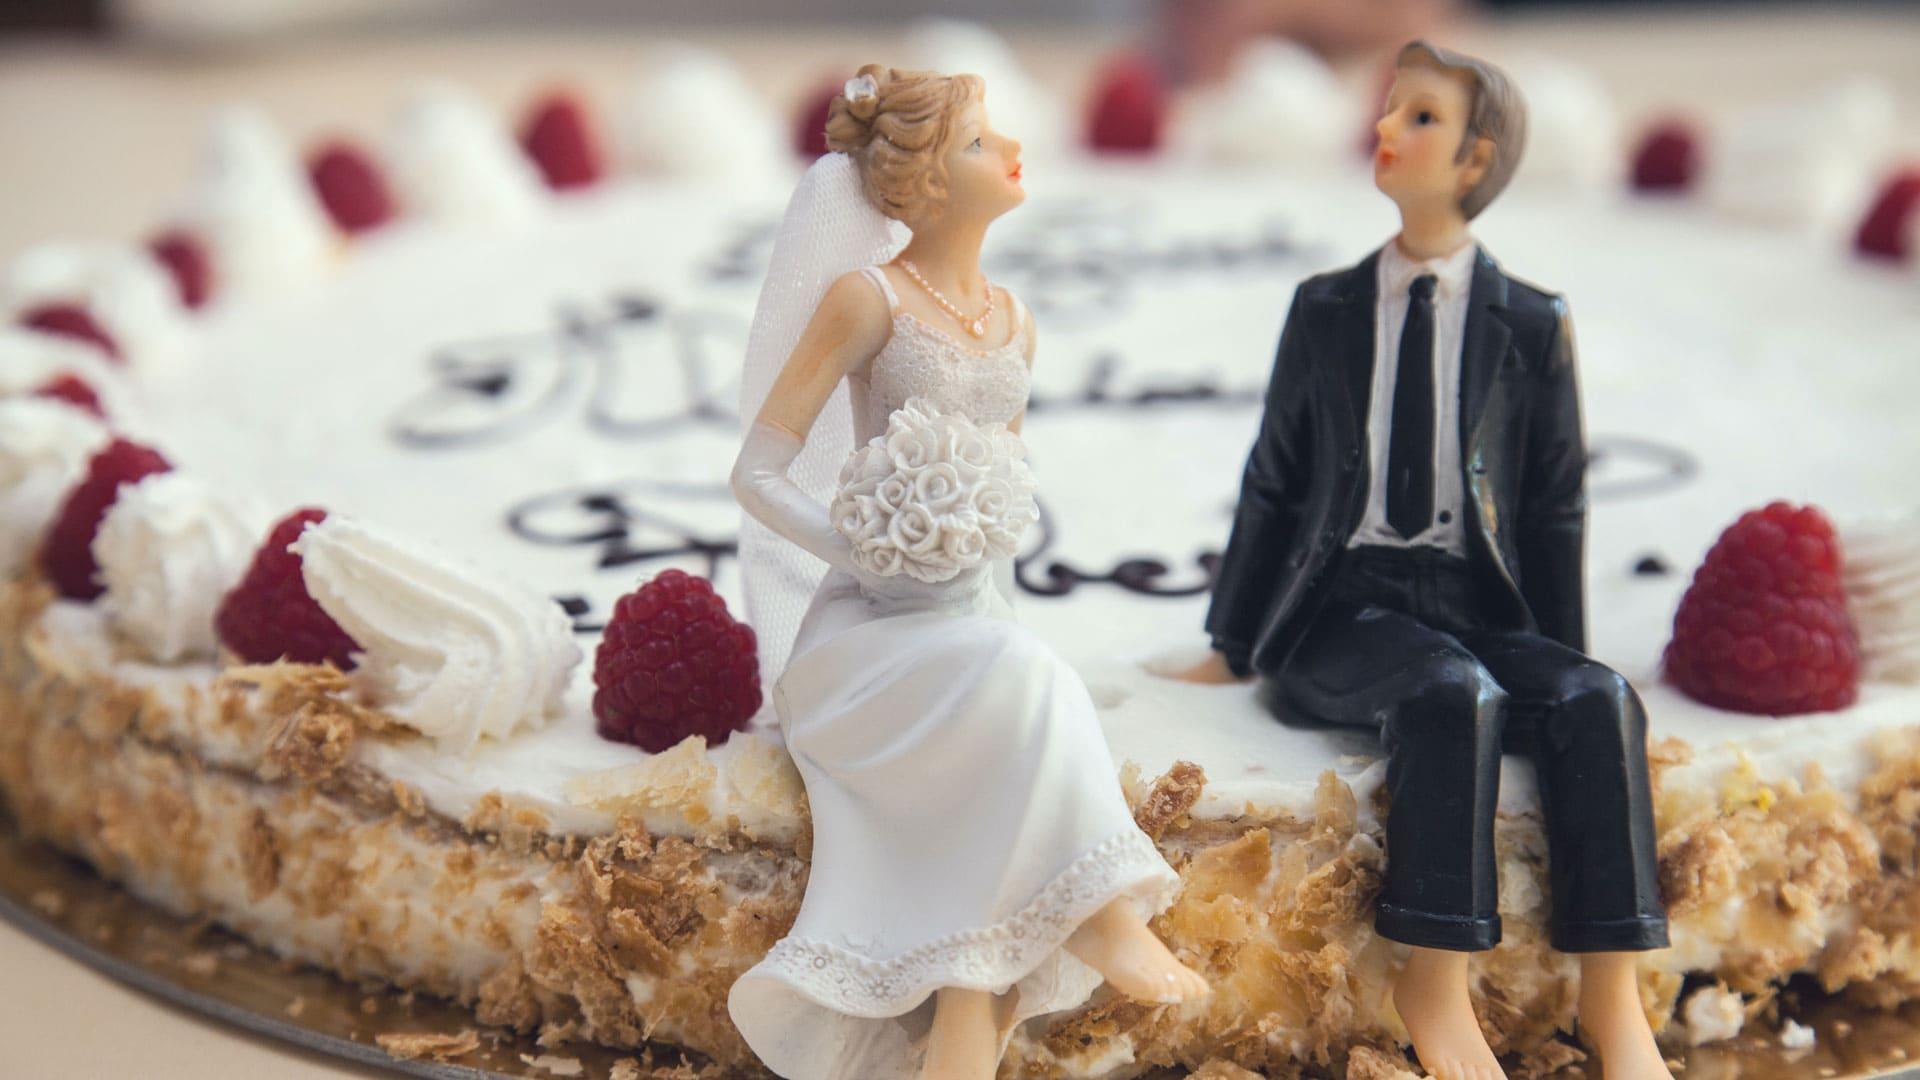 Not Married Until Facebook Says Pexels Splitshire